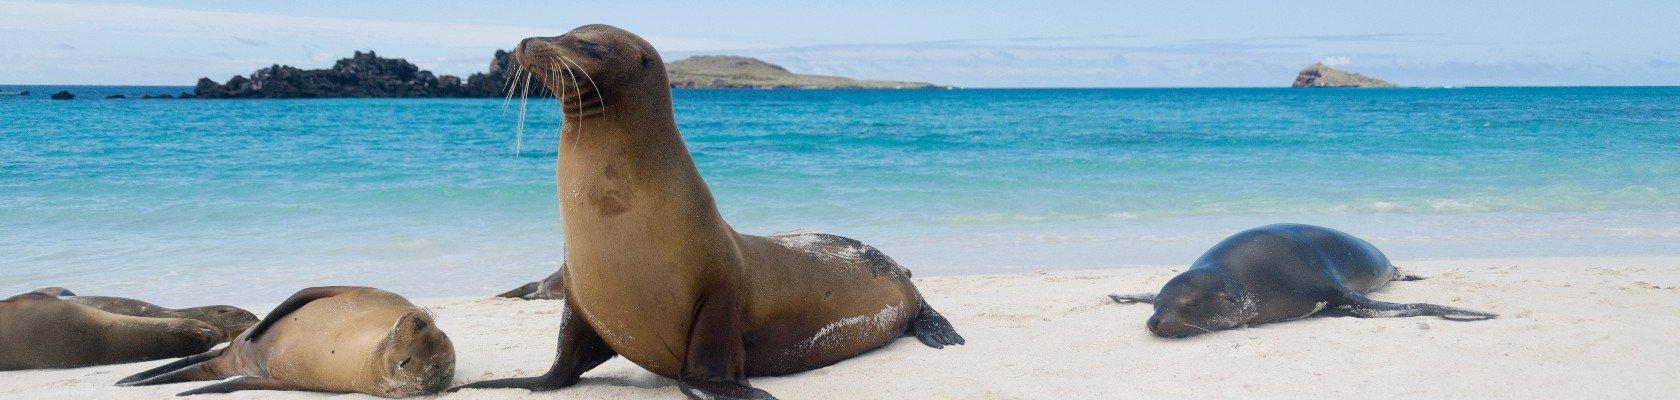 Galápagos-eilanden